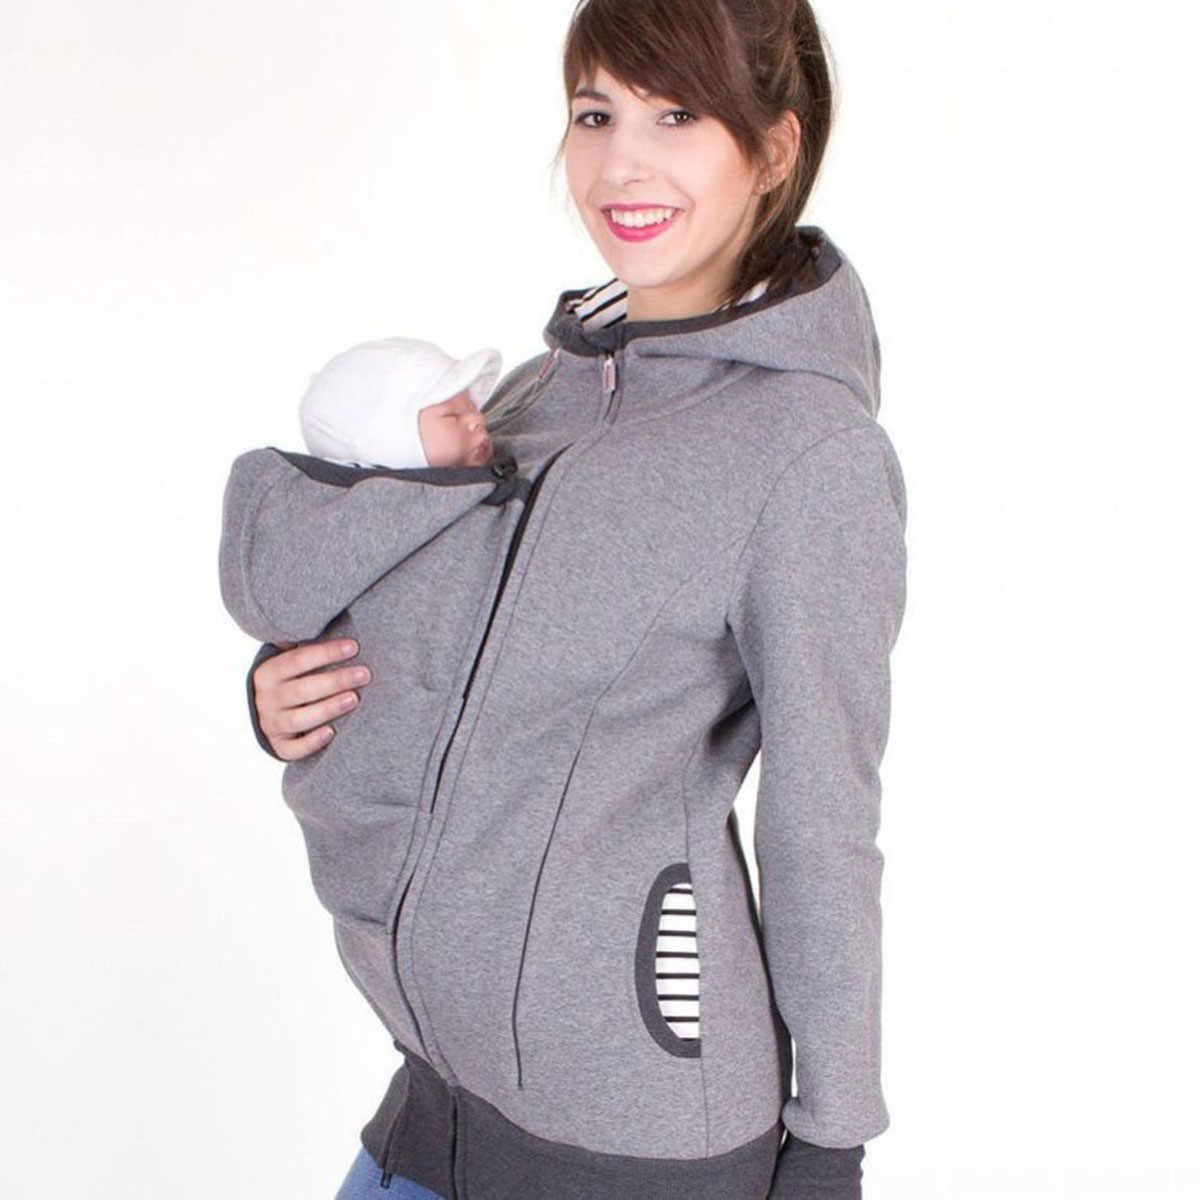 Meternity sudaderas con capucha canguro abrigo de invierno con capucha para mujeres embarazadas bebé chaqueta de abrigo de ropa de maternidad espesar